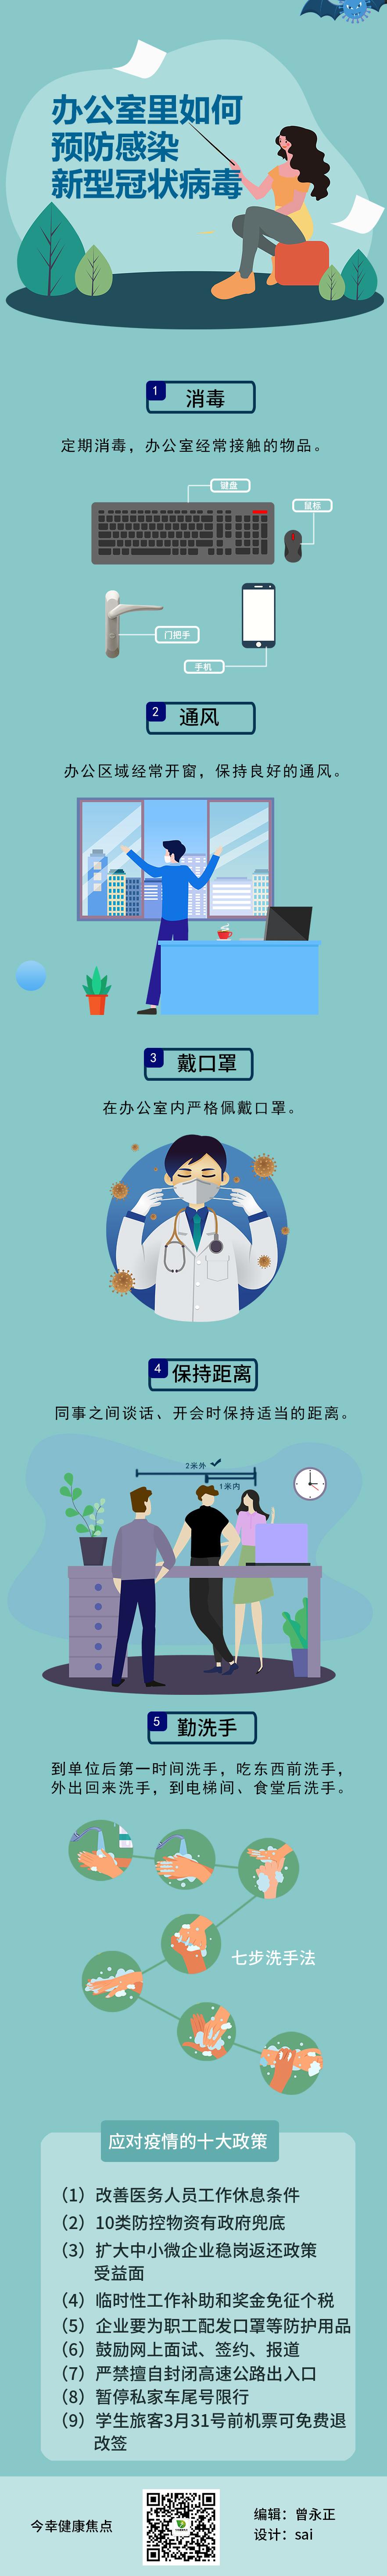 办公室里如何预防感染新型冠状病毒?